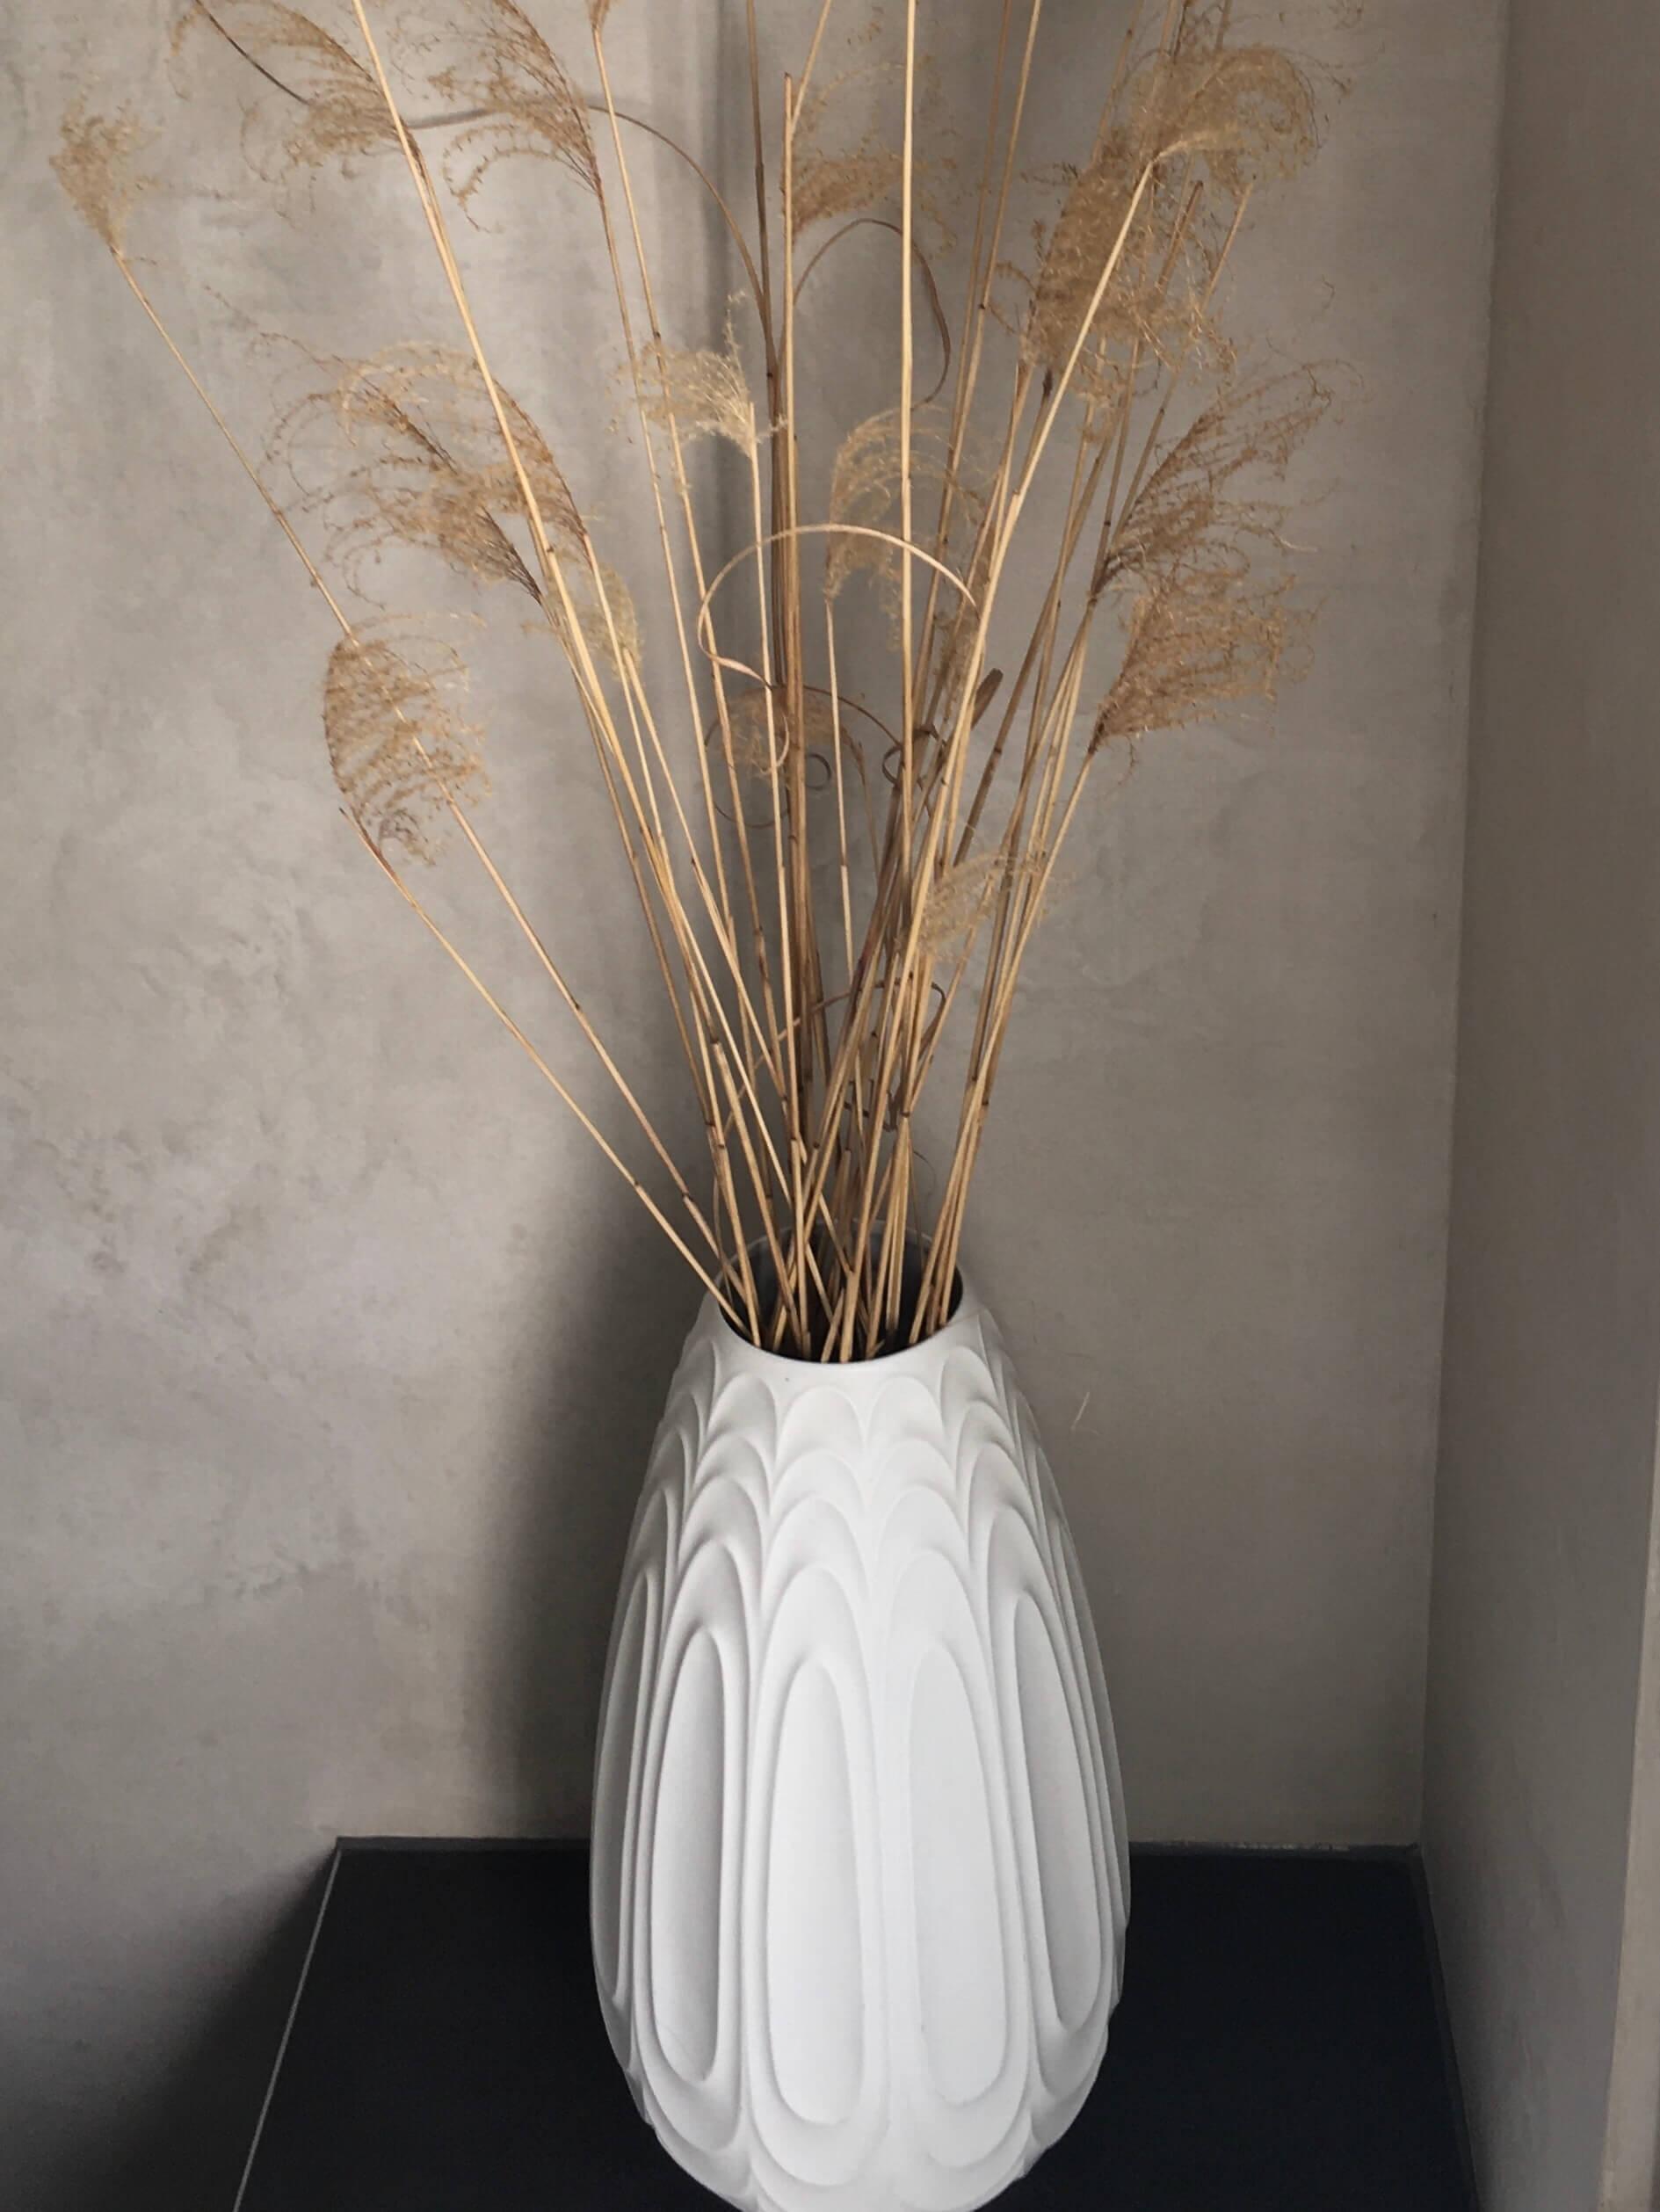 Maxi Vase 3